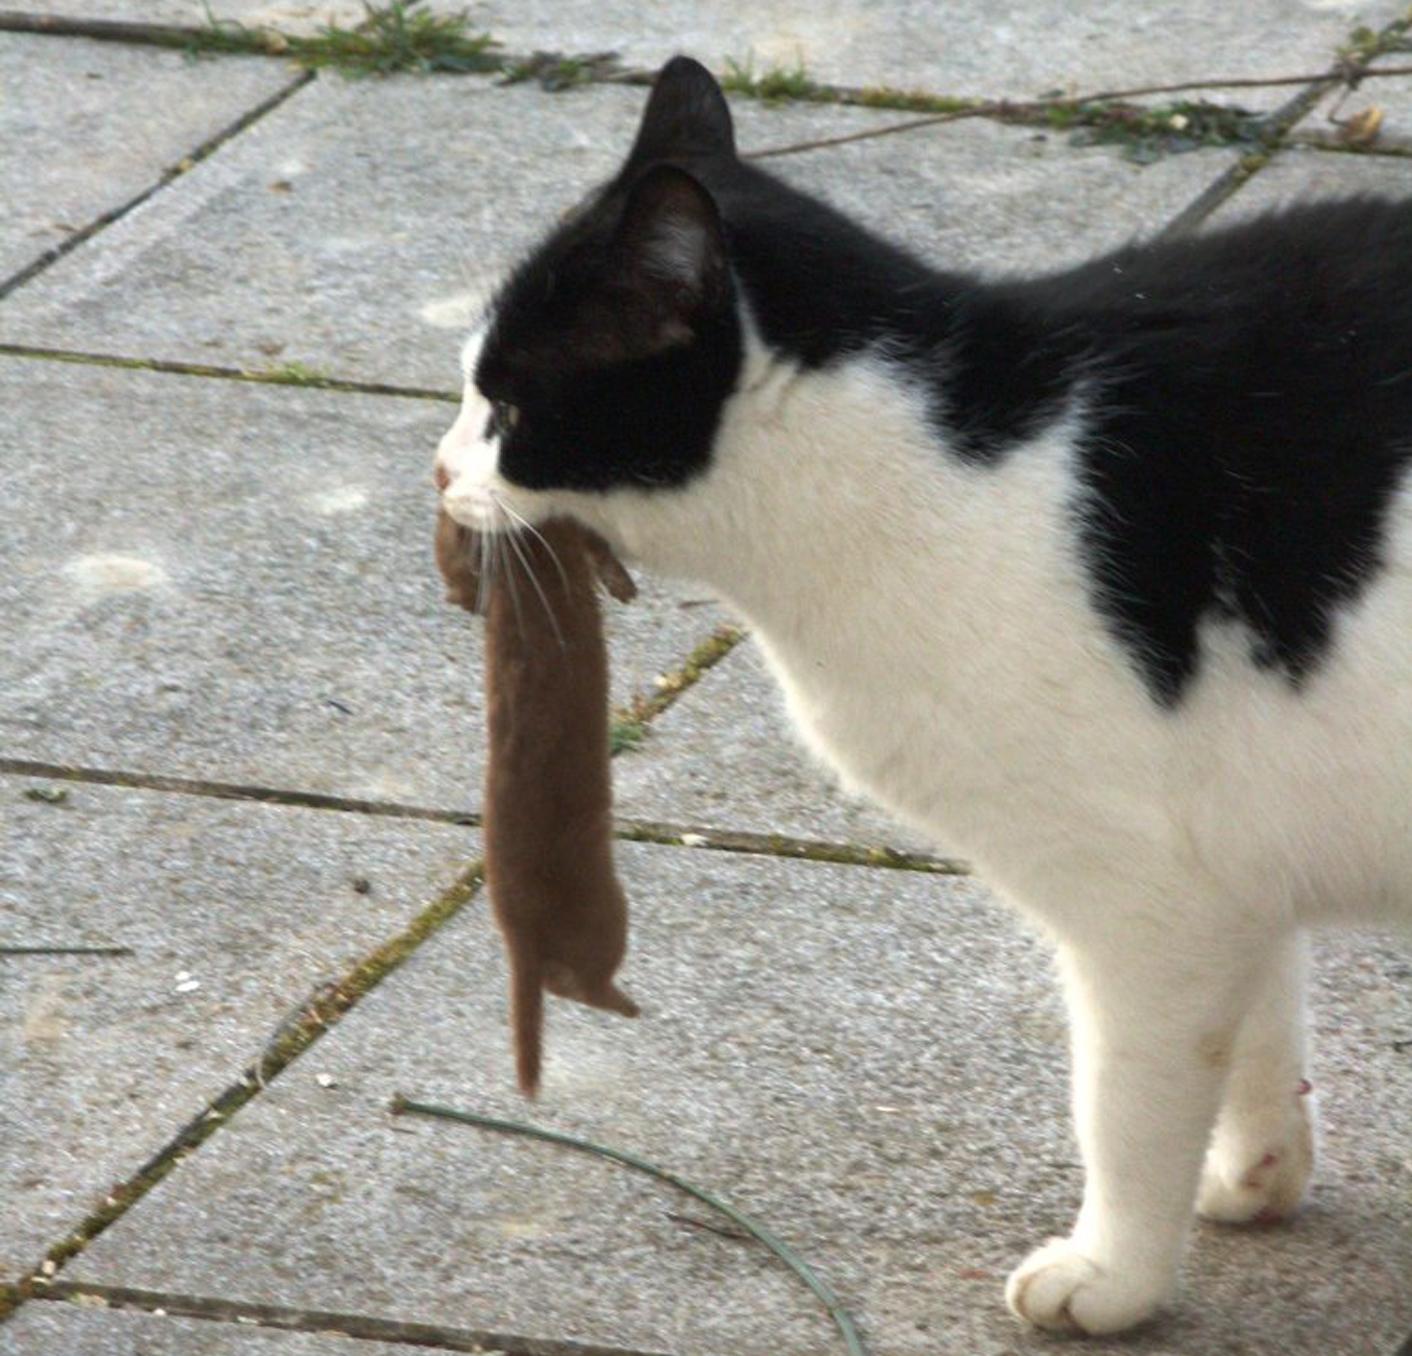 J Ai Une Souris Chez Moi le chat et son impact sur la faune | gmb